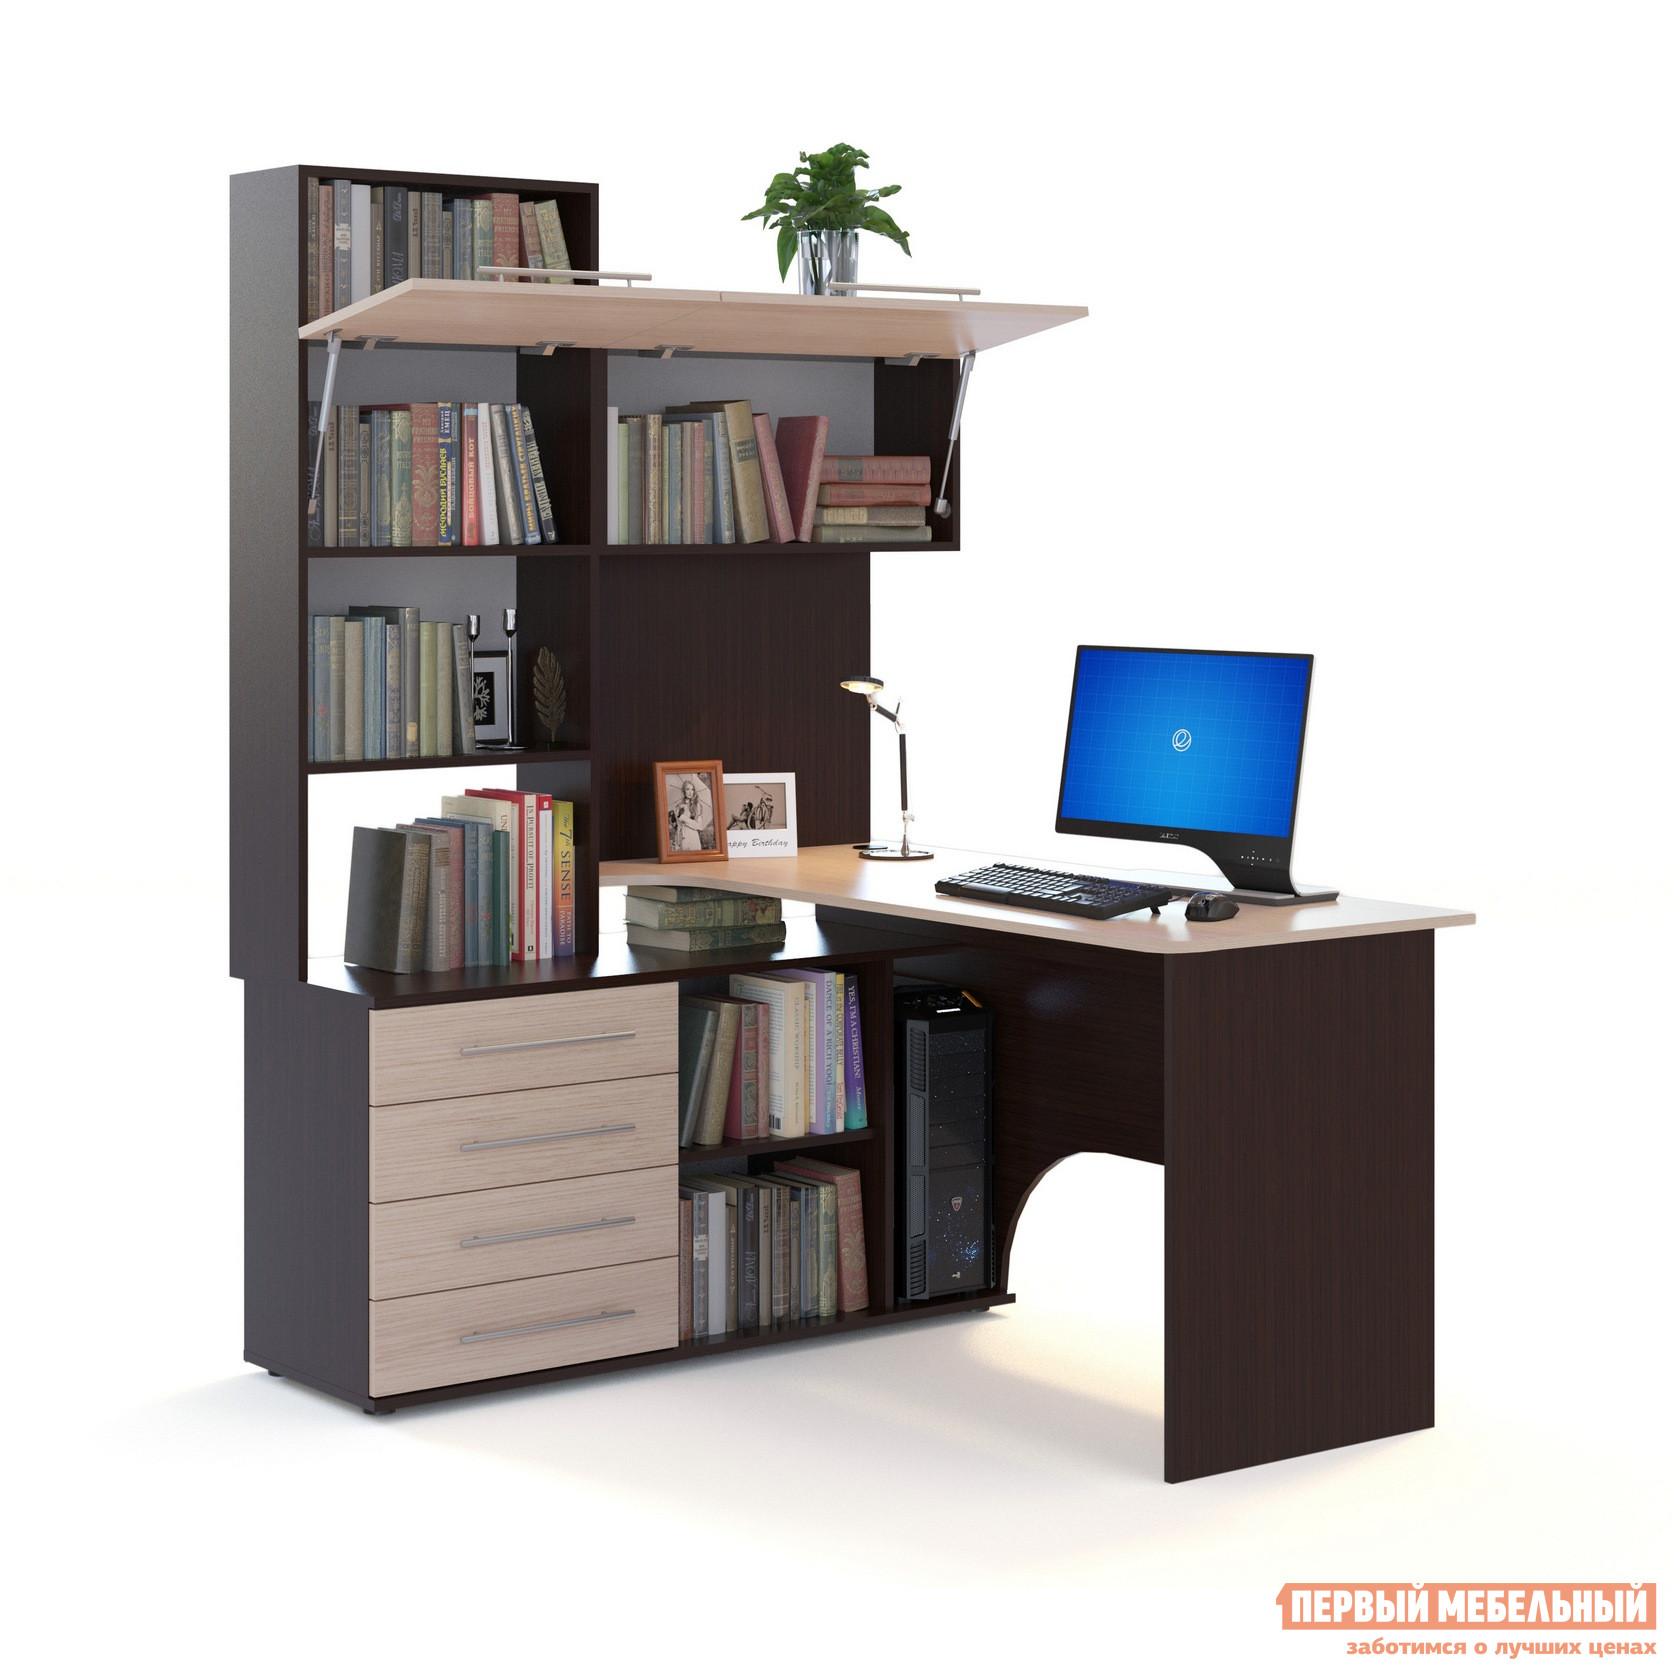 Компьютерный стол кст-14 мебельная фабрика сокол - купить ко.